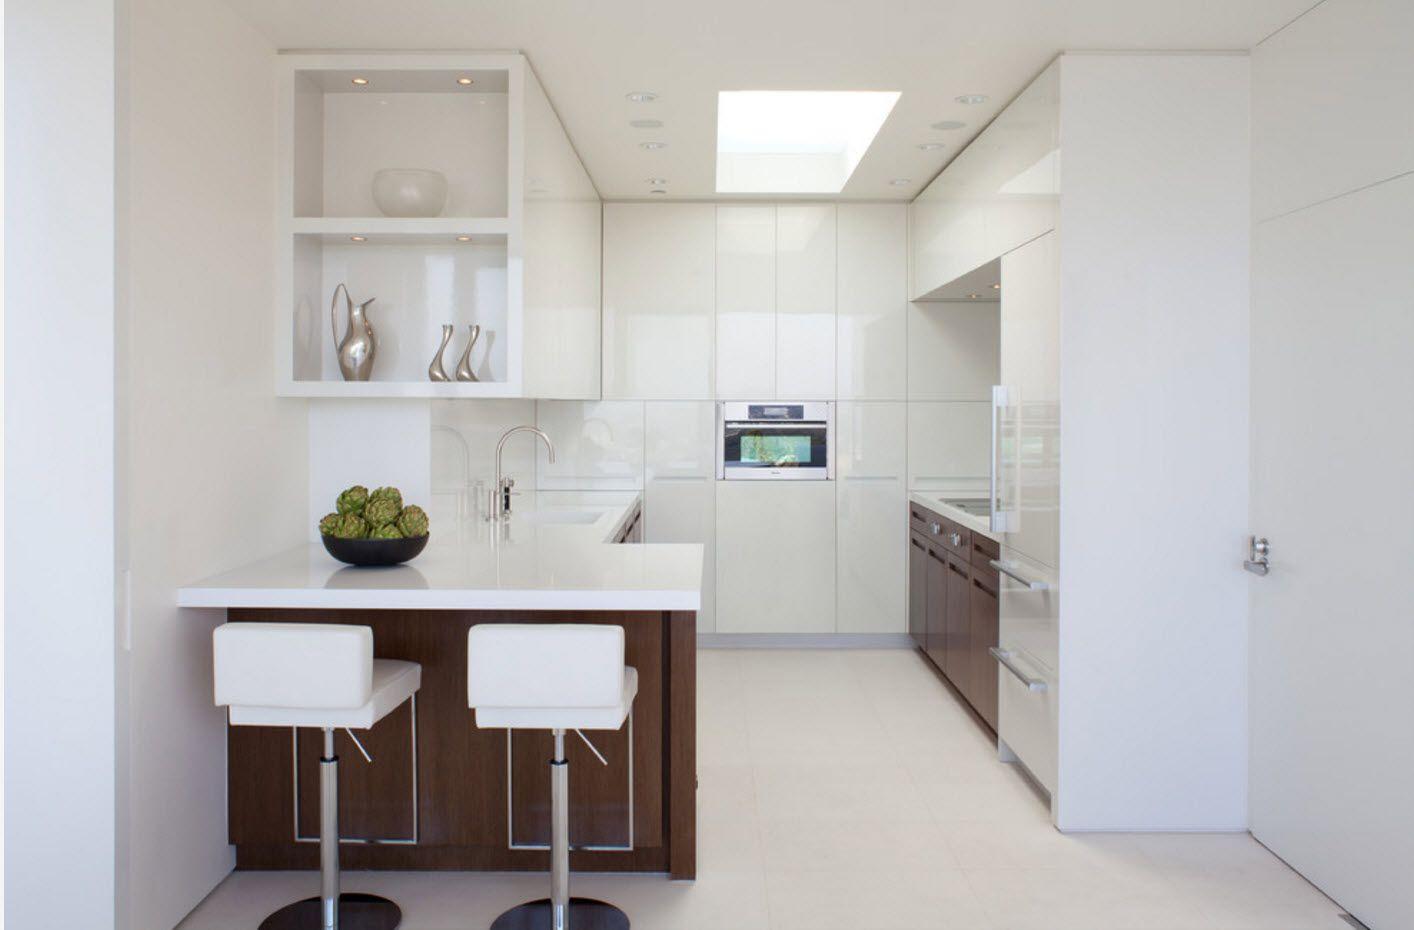 Snøhvit bilde av kjøkkenet